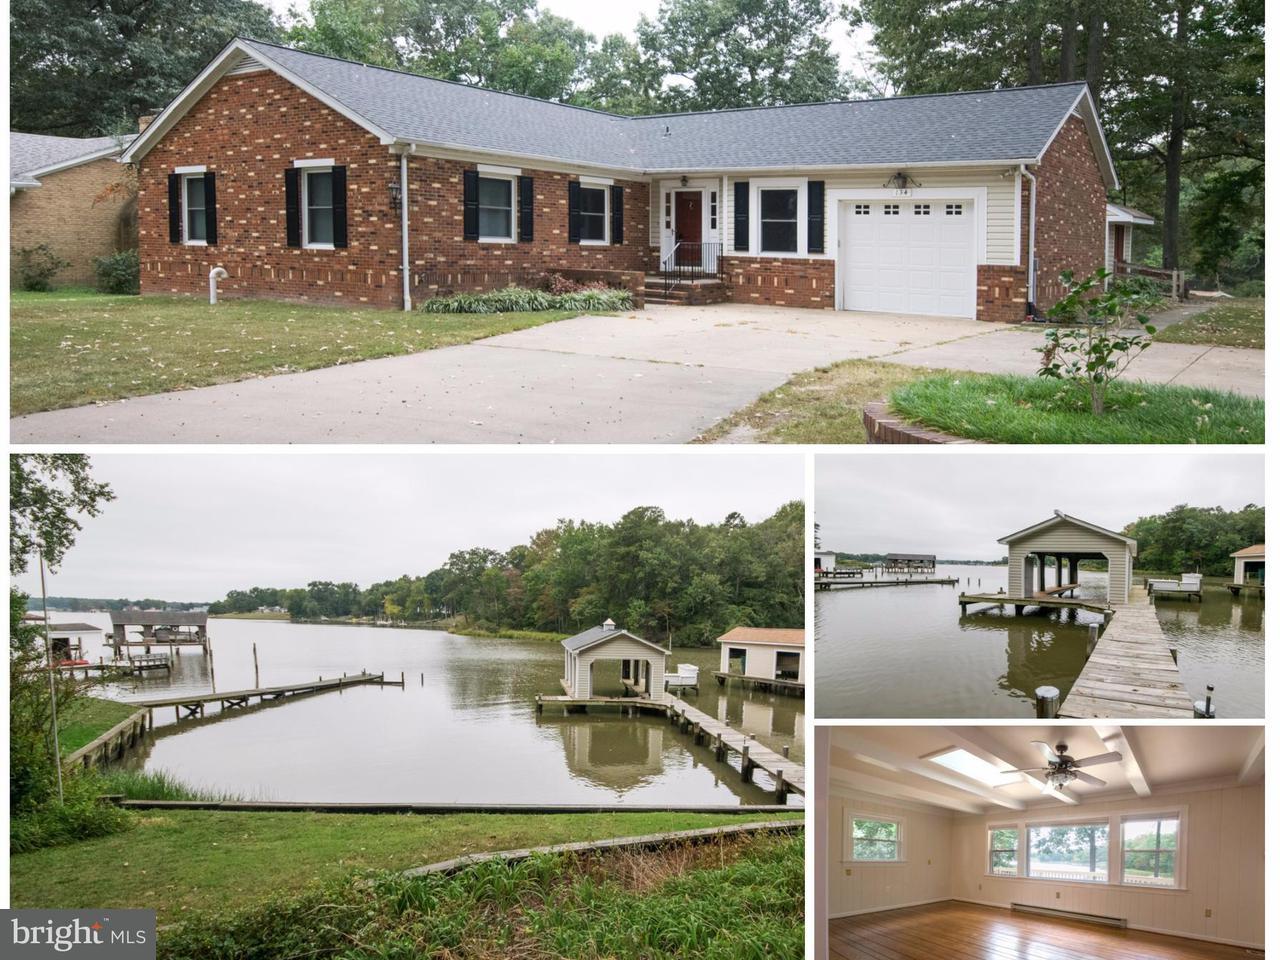 Single Family Home for Sale at 134 SEBASTIAN Avenue 134 SEBASTIAN Avenue Colonial Beach, Virginia 22443 United States